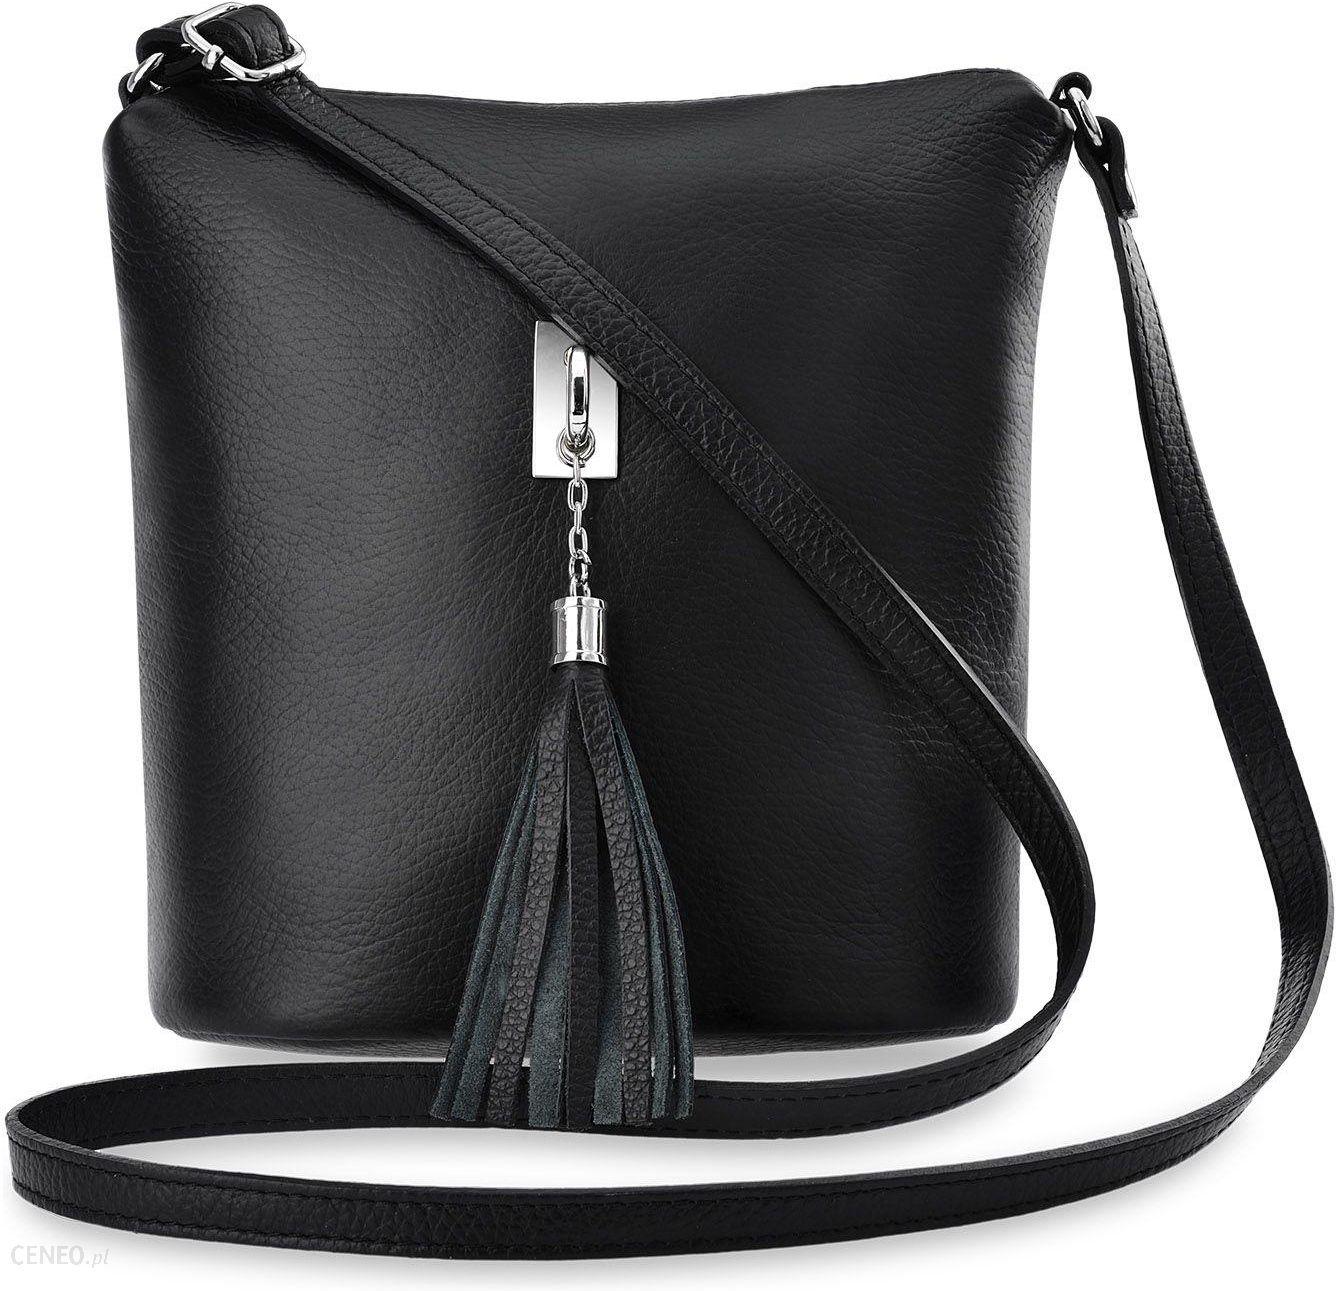 2e6fc4a122314 Włoska listonoszka skórzana torebka damska przewieszka z puklem frędzli -  czarny - zdjęcie 1